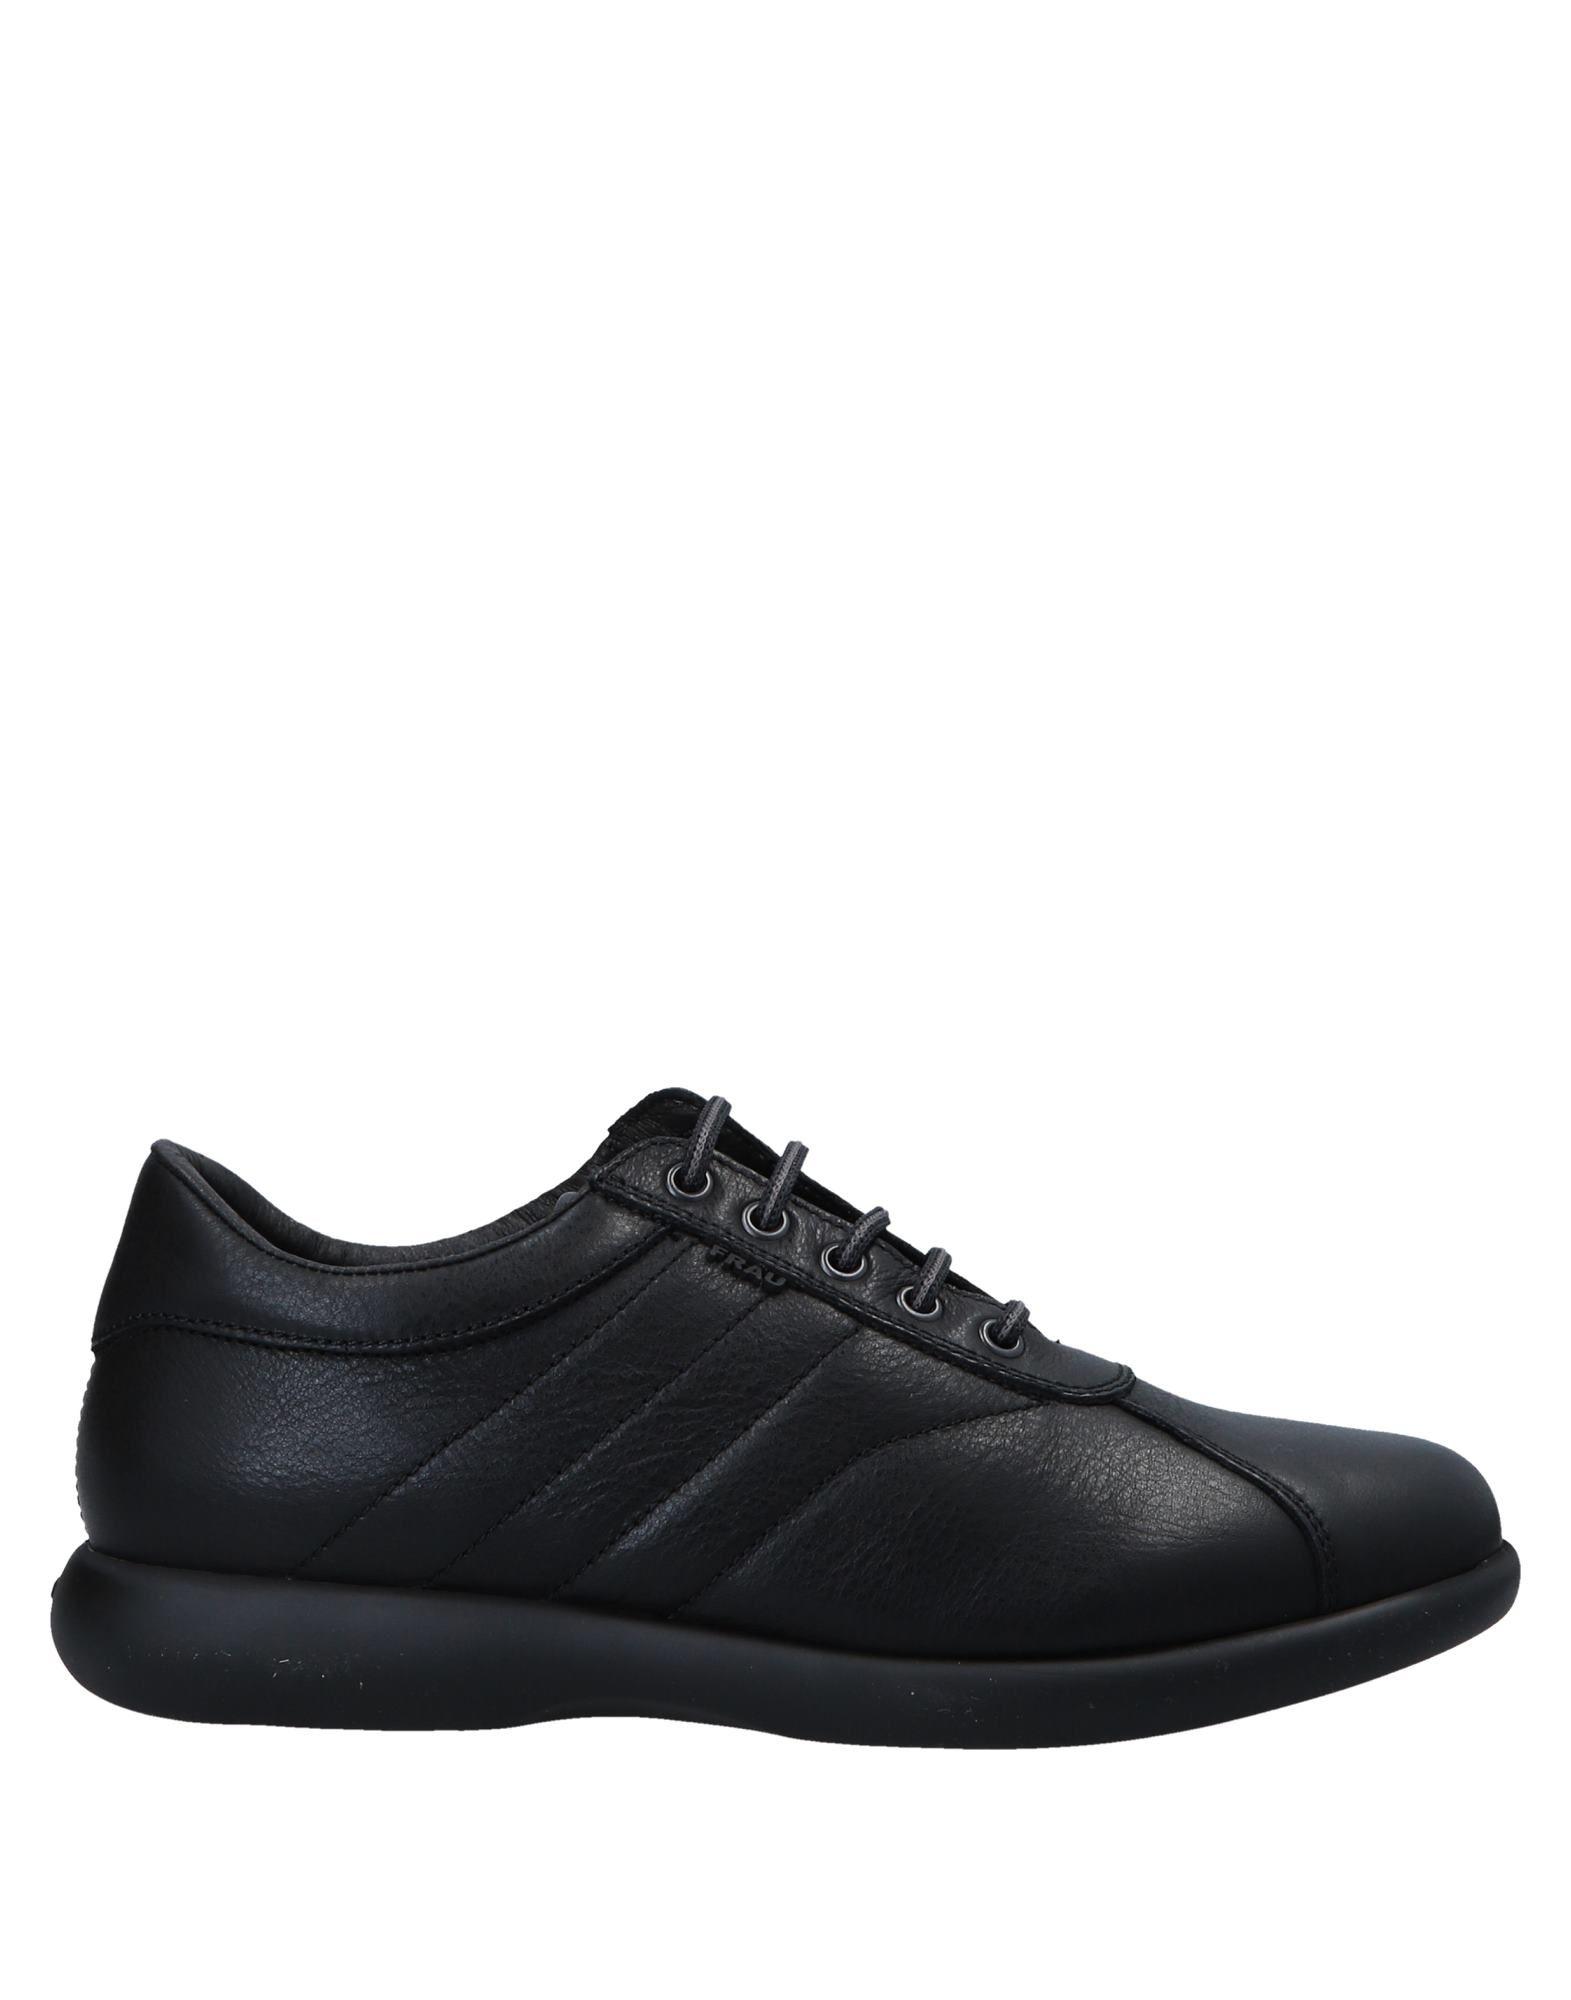 Sneakers Fx Frau Homme - Sneakers Fx Frau  Noir Meilleur modèle de vente